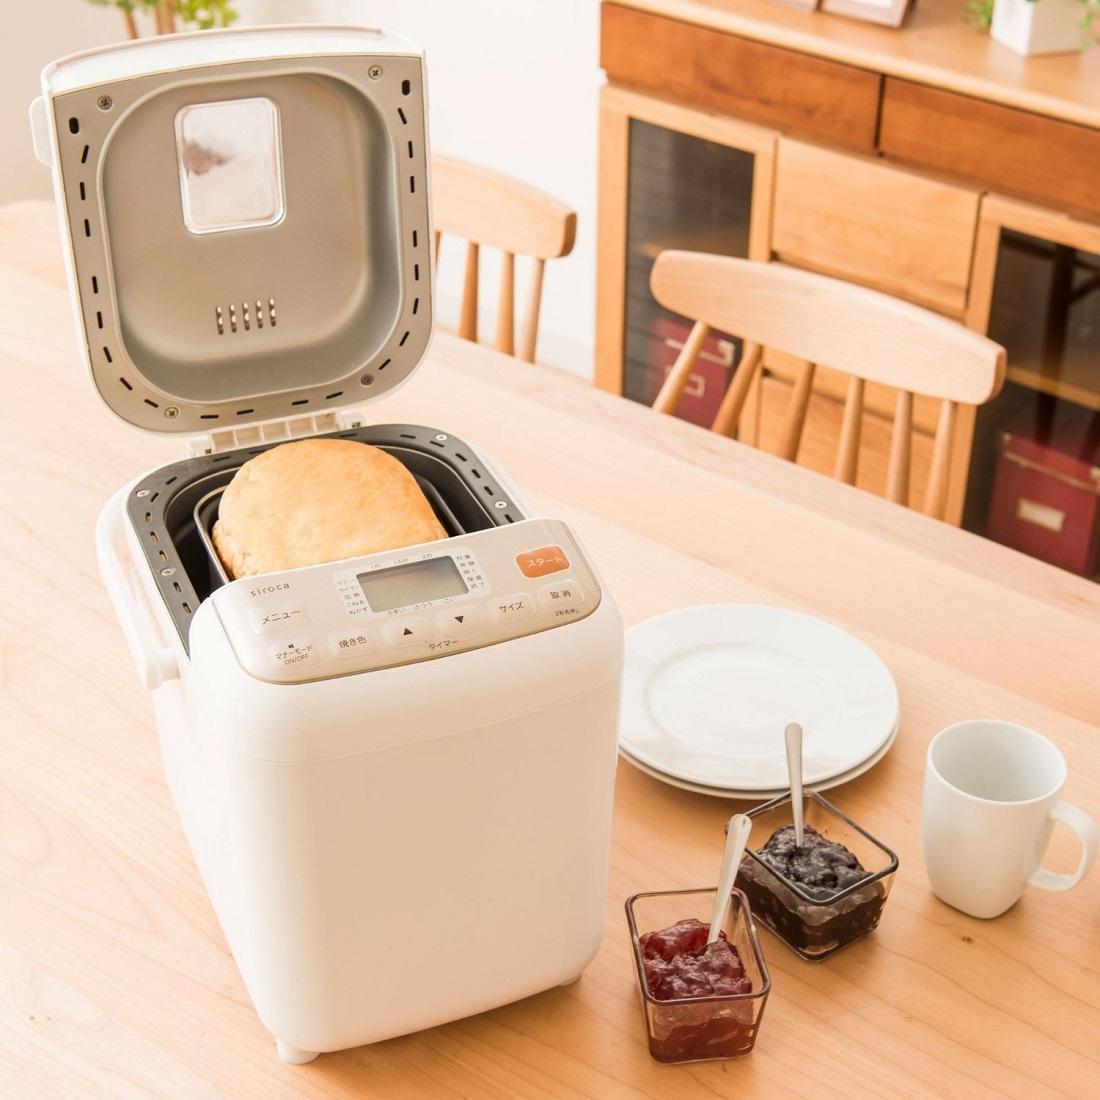 siroca ホームベーカリー SHB-712 全自動ホームベーカリー パン チーズ ヨーグルト ジャム バター 生食パン 焼きたて 窯焼き ピザ クックトースト パン 機械 オートホワイト